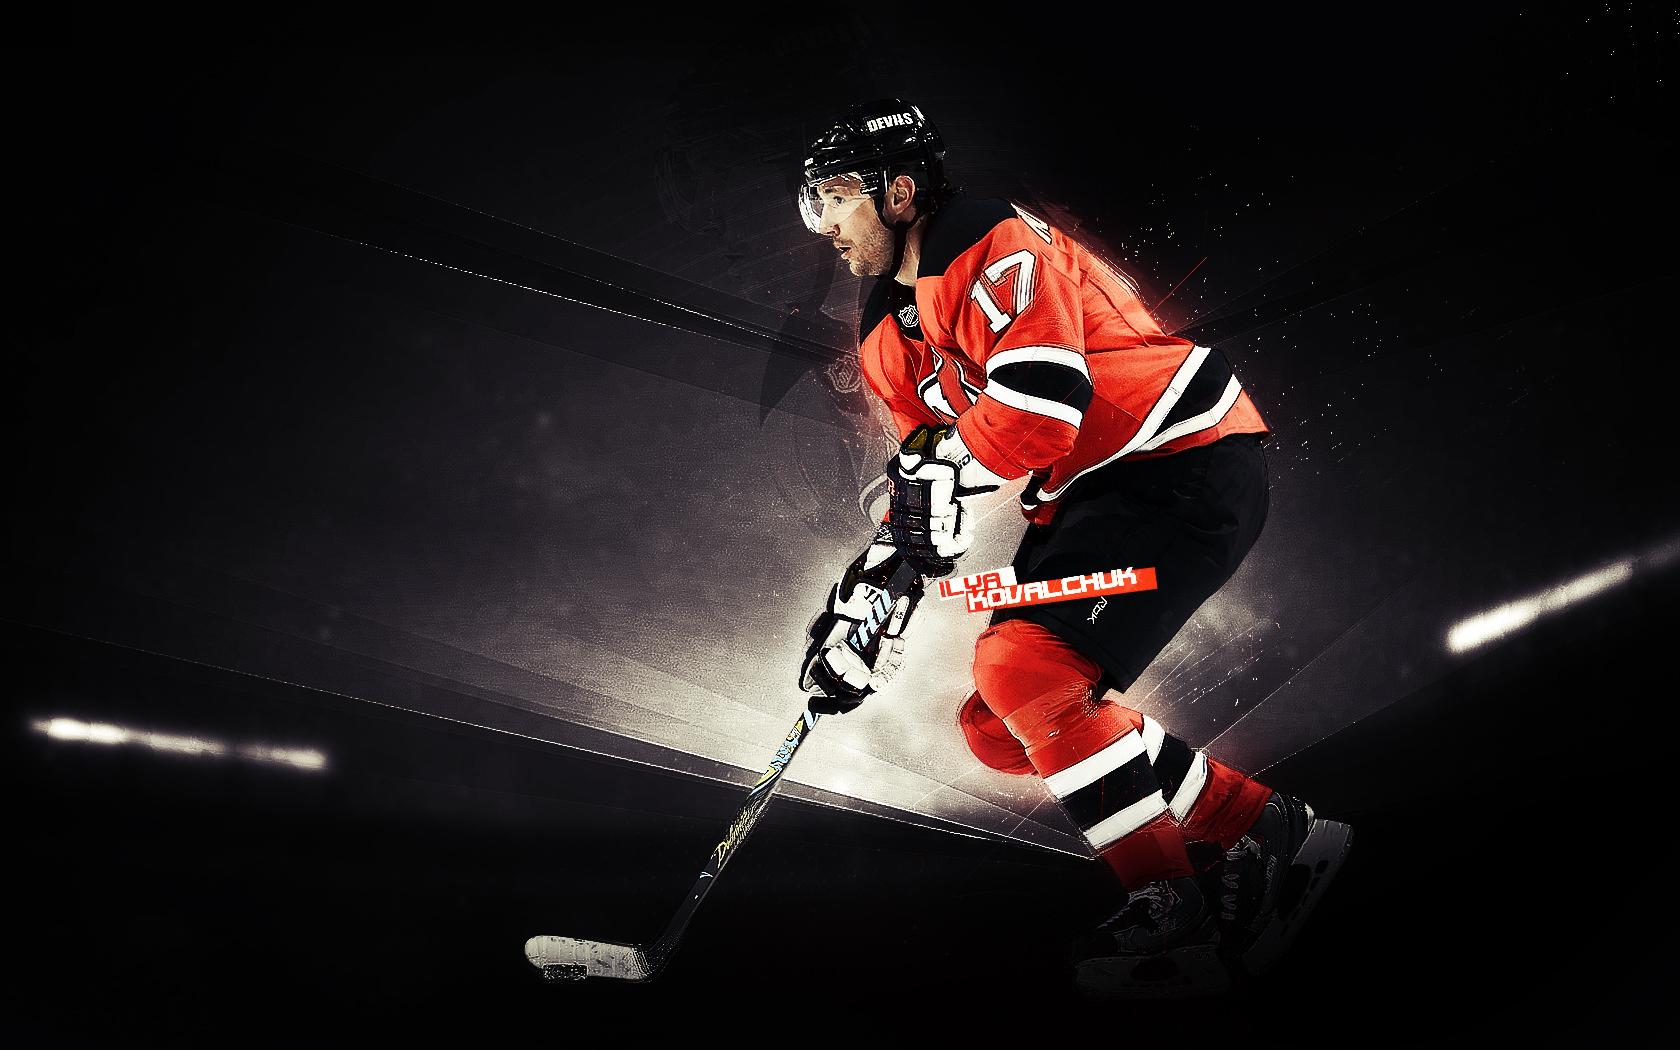 хоккеист красивые картинки высокого качества жизни сложится важное